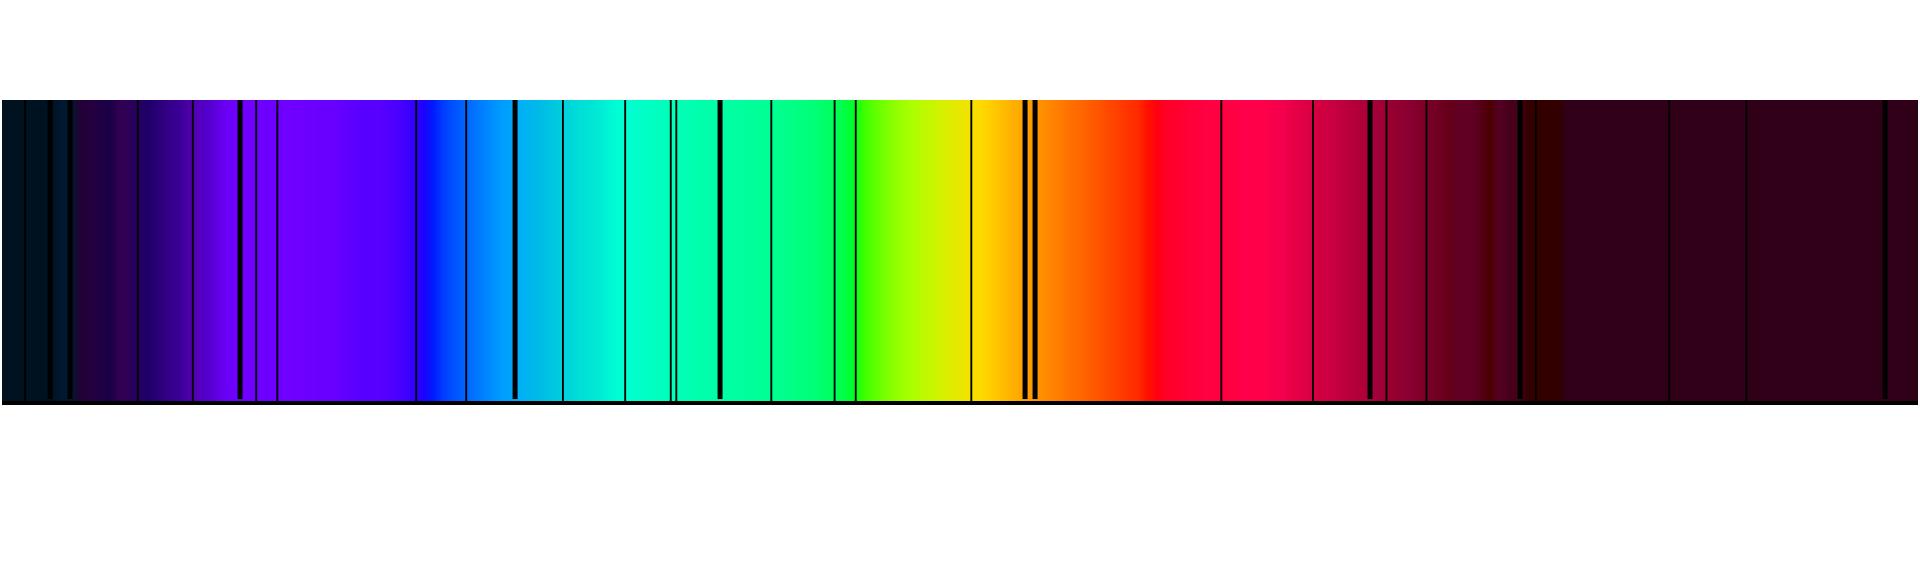 Spektrum mit Fraunhoferlinien